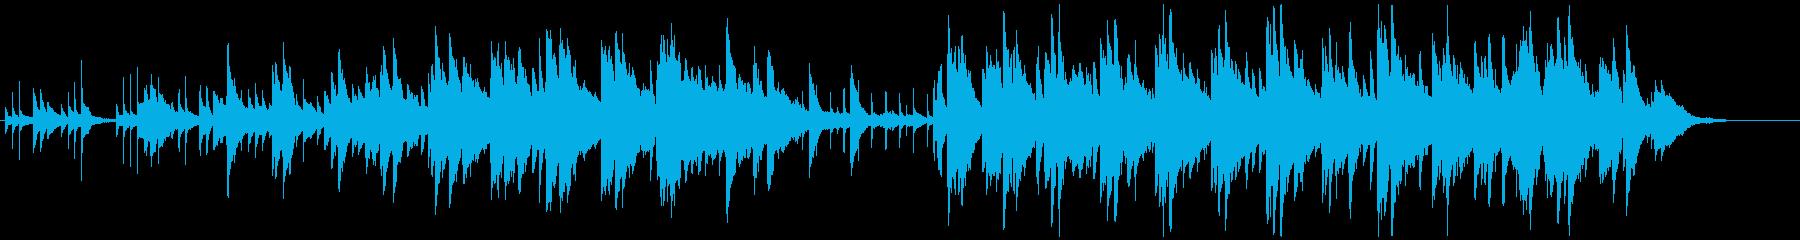 アンビエント/ニューエイジ楽器。ア...の再生済みの波形